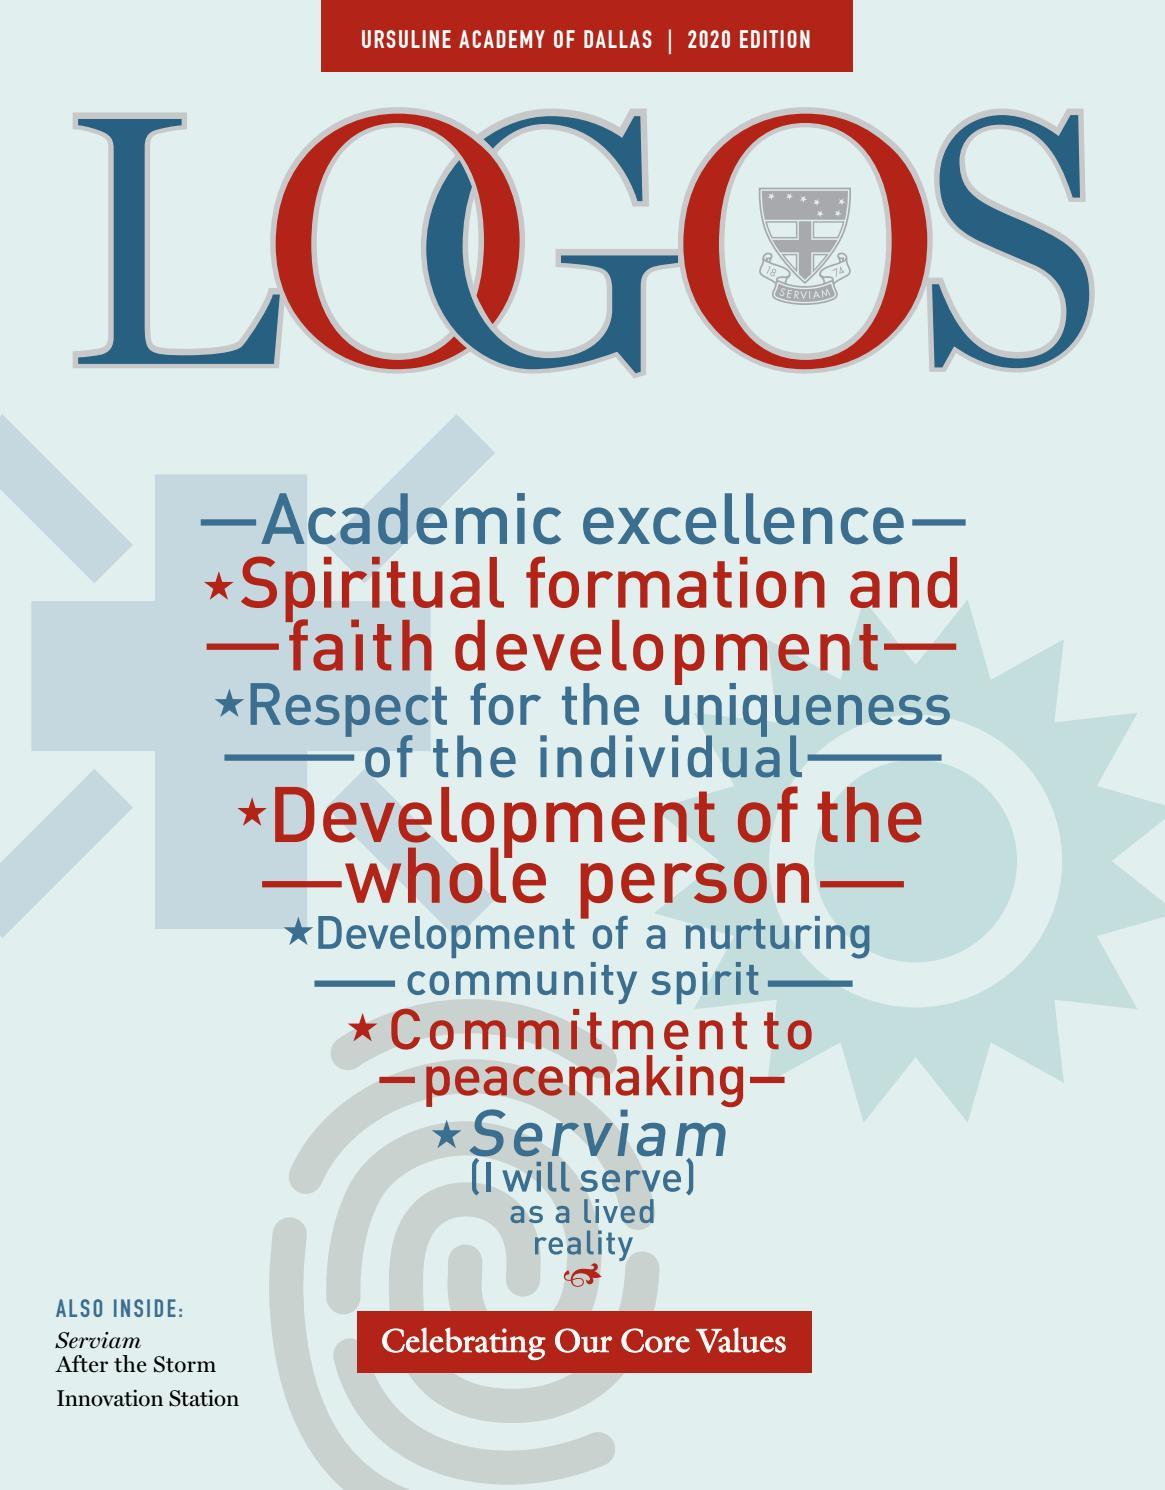 LOGOS 2020 by Ursuline Academy of Dallas - issuu